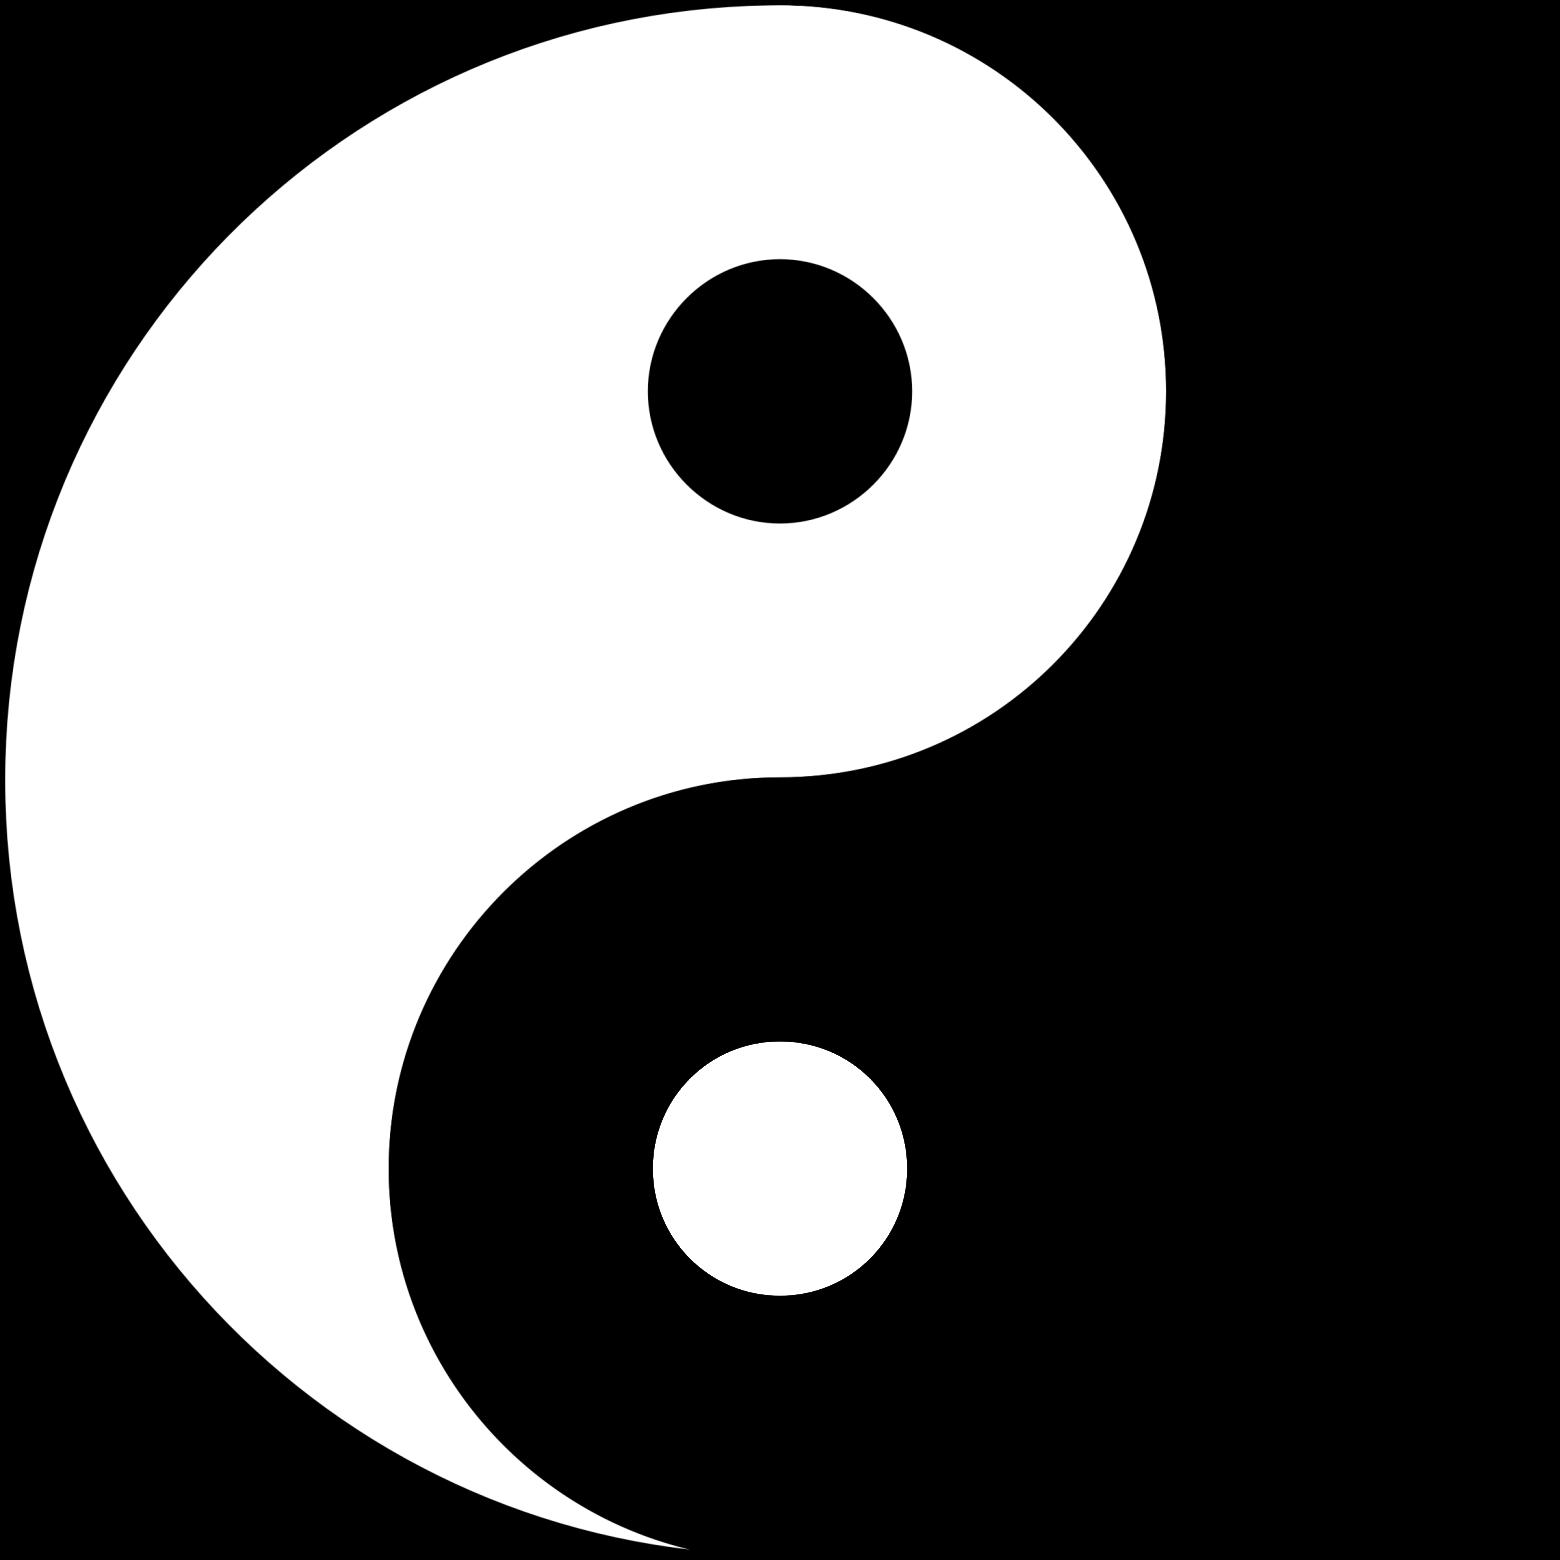 Yin yang zen symboles images photos gratuites images gratuites et libres de - Symbole zen attitude ...